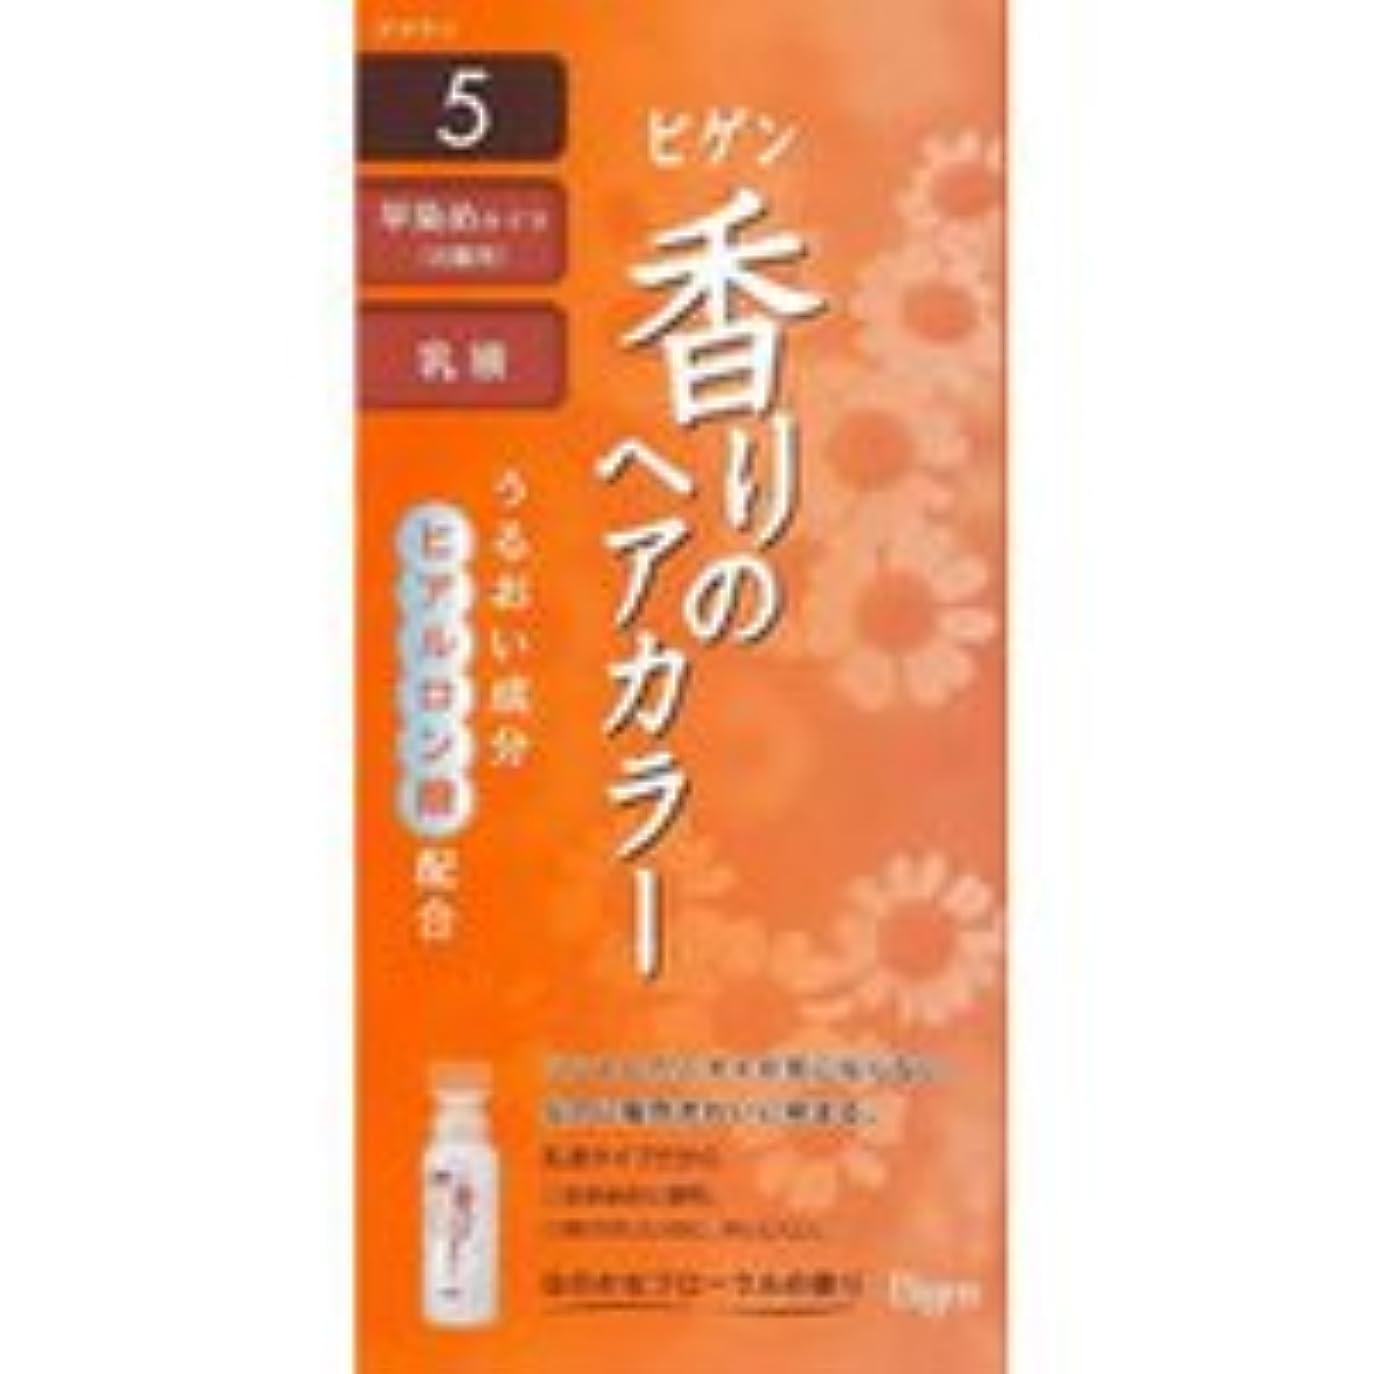 シーボードファイバめまいビゲン 香りのヘアカラー 乳液(5) ブラウン